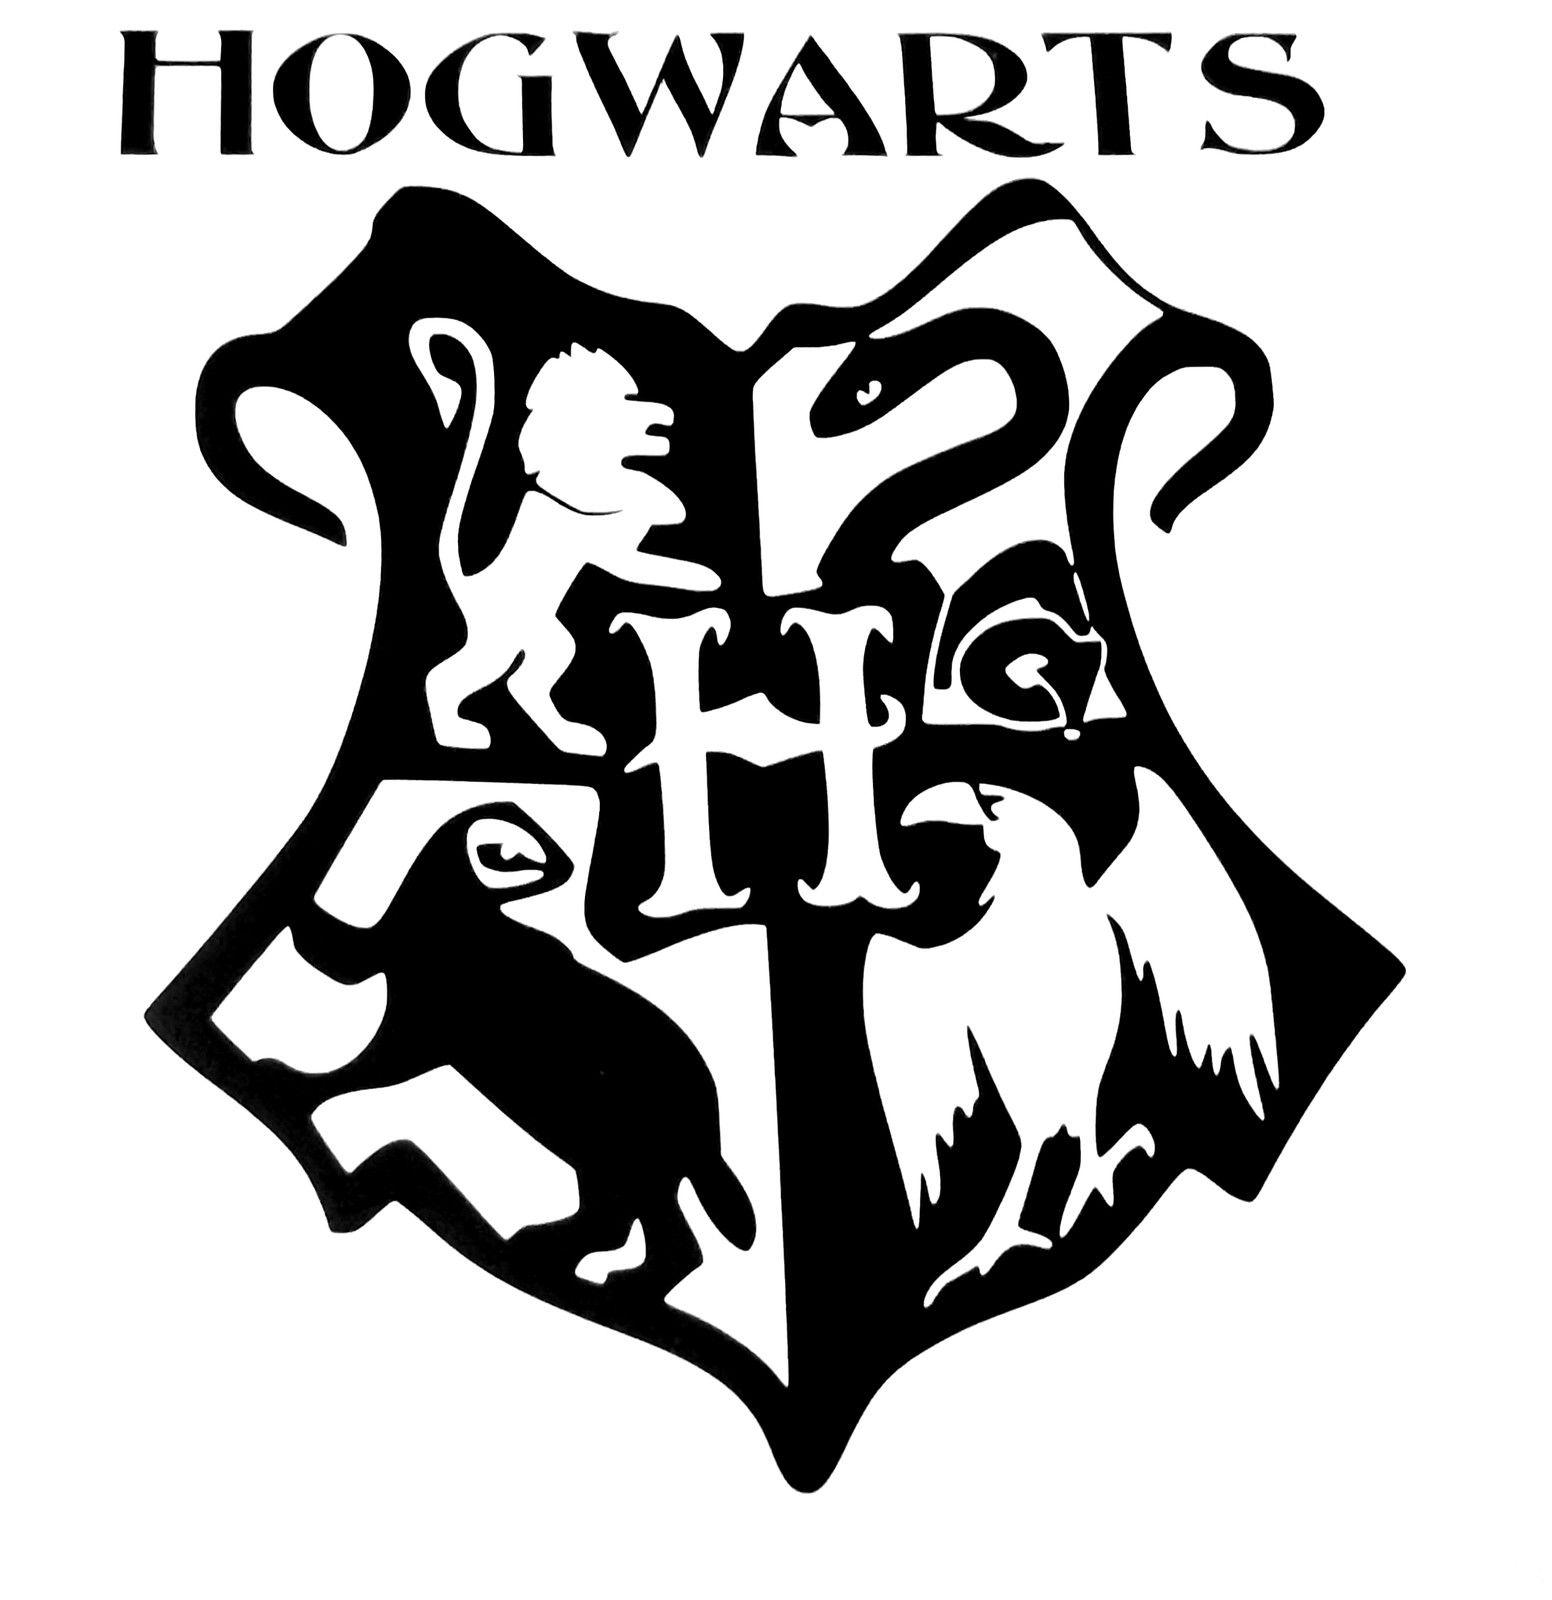 US $4.68 33% OFF|Harry potter hogwarts wappen cut vinyl wand kunst  aufkleber aufkleber für kinderzimmer Dekor-in Wandaufkleber aus Heim und  Garten bei ...